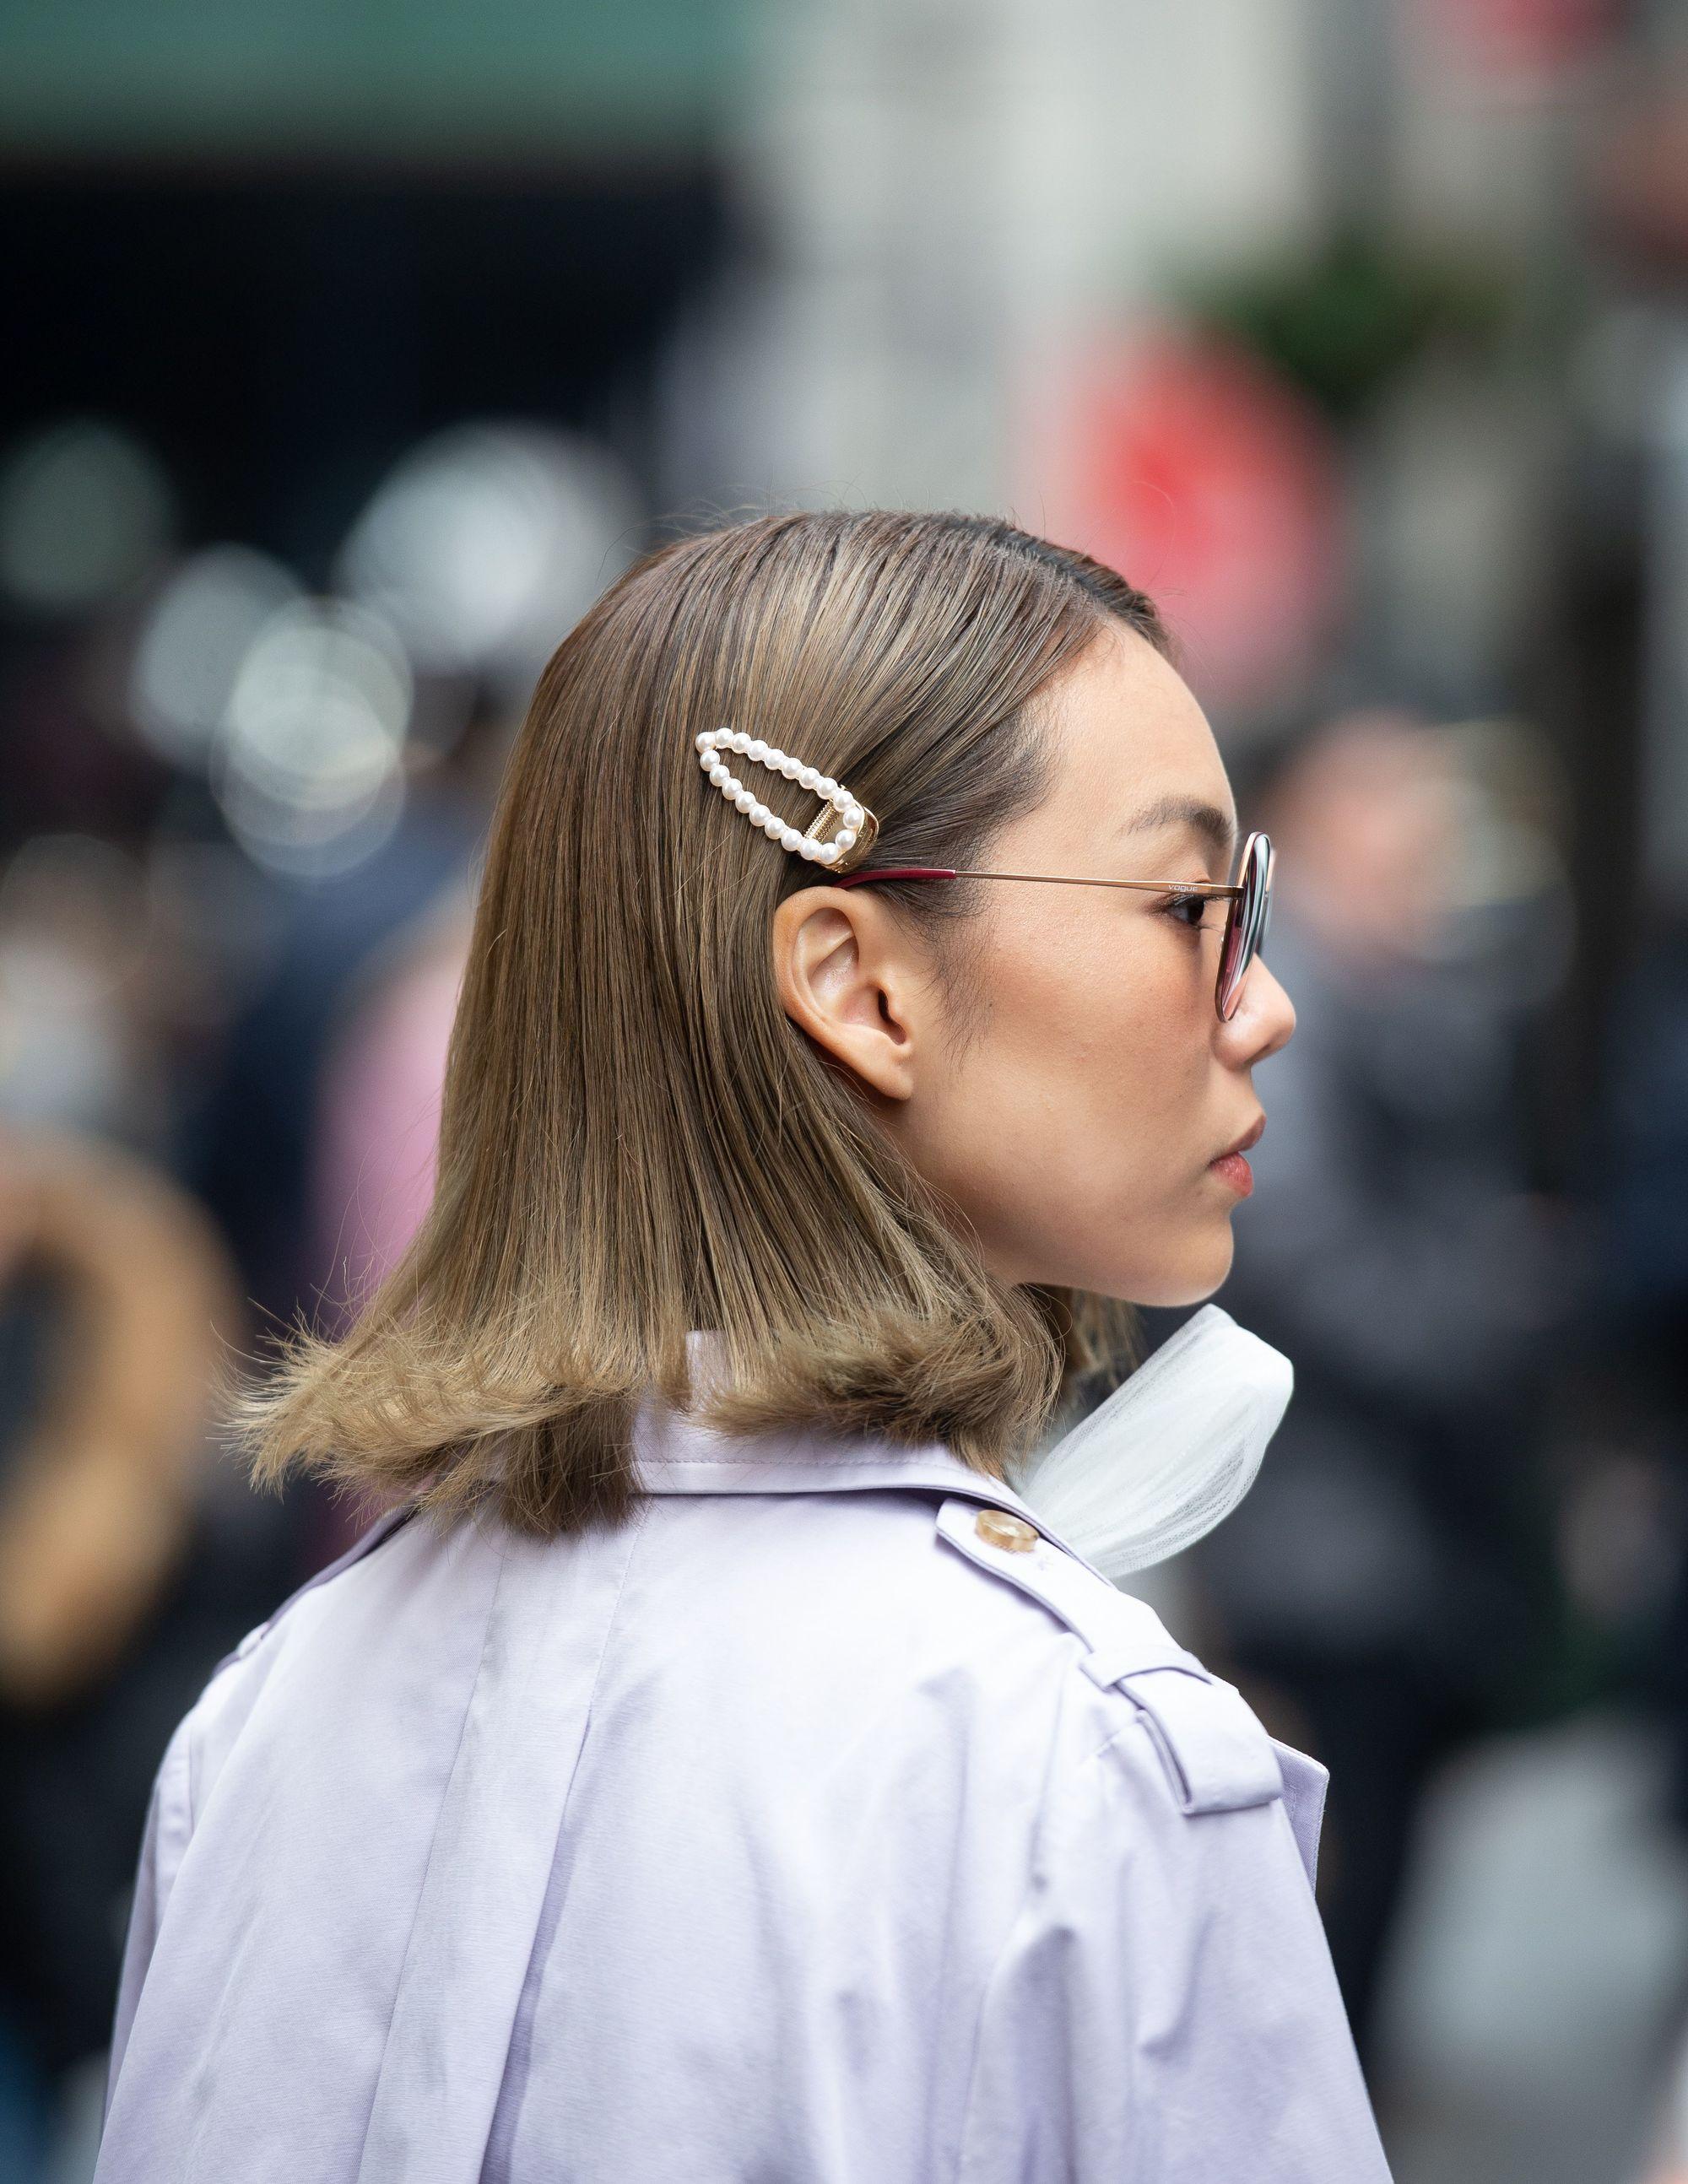 Cheveux blonds cendrés : Vue de côté d'une femme aux cheveux blonds cendrés moyens avec une barrette en forme de perle dans la rue.